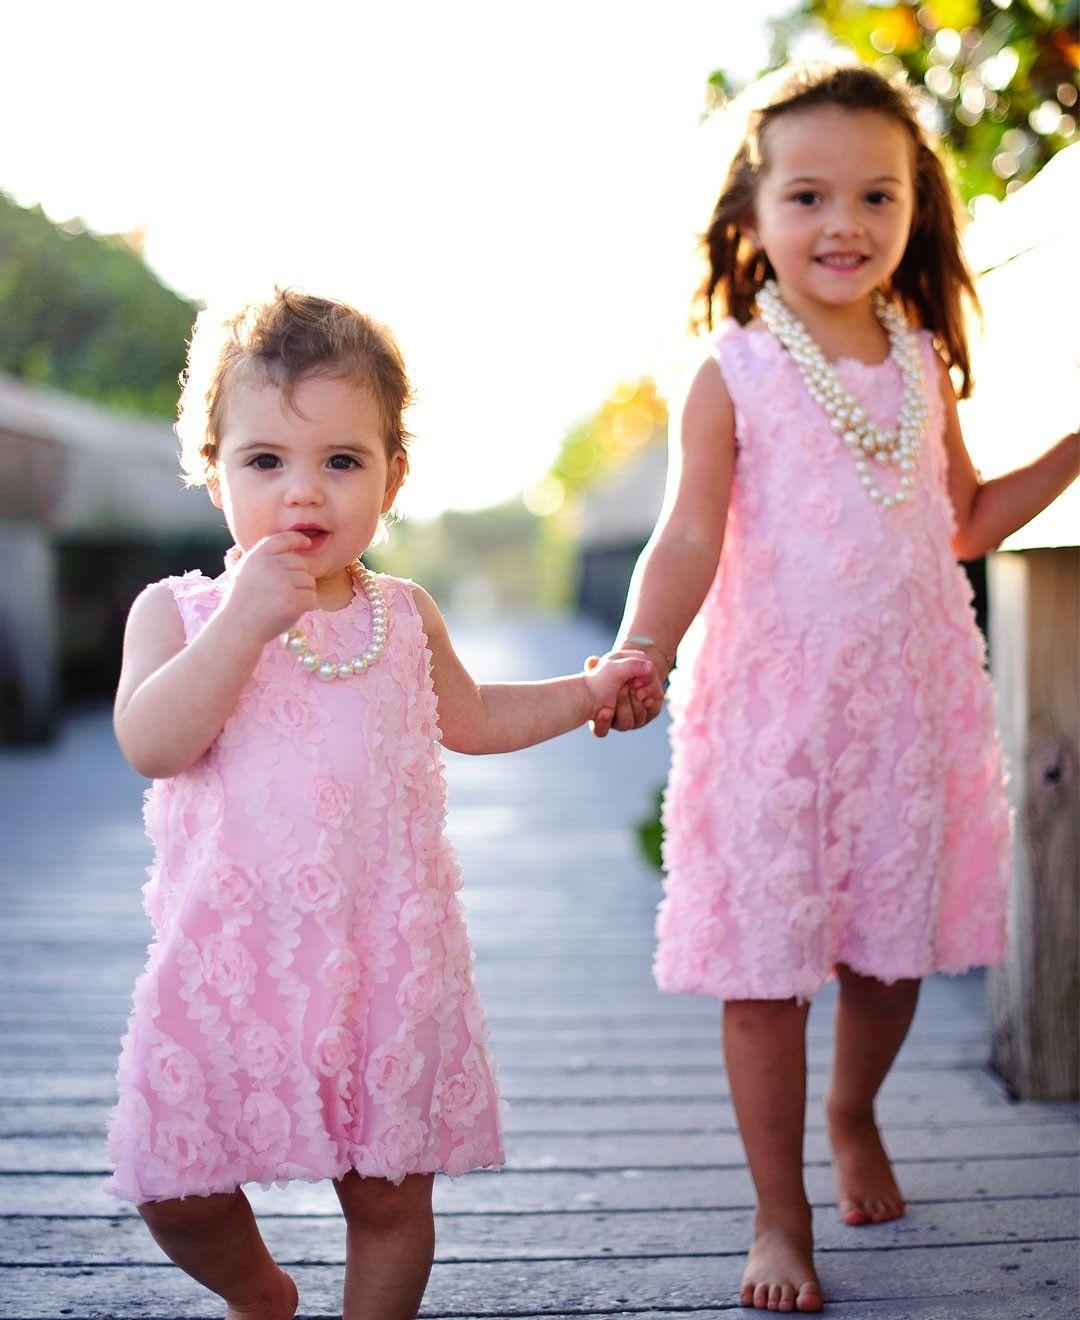 Pink dress baby  PeachyPink Flower Dress